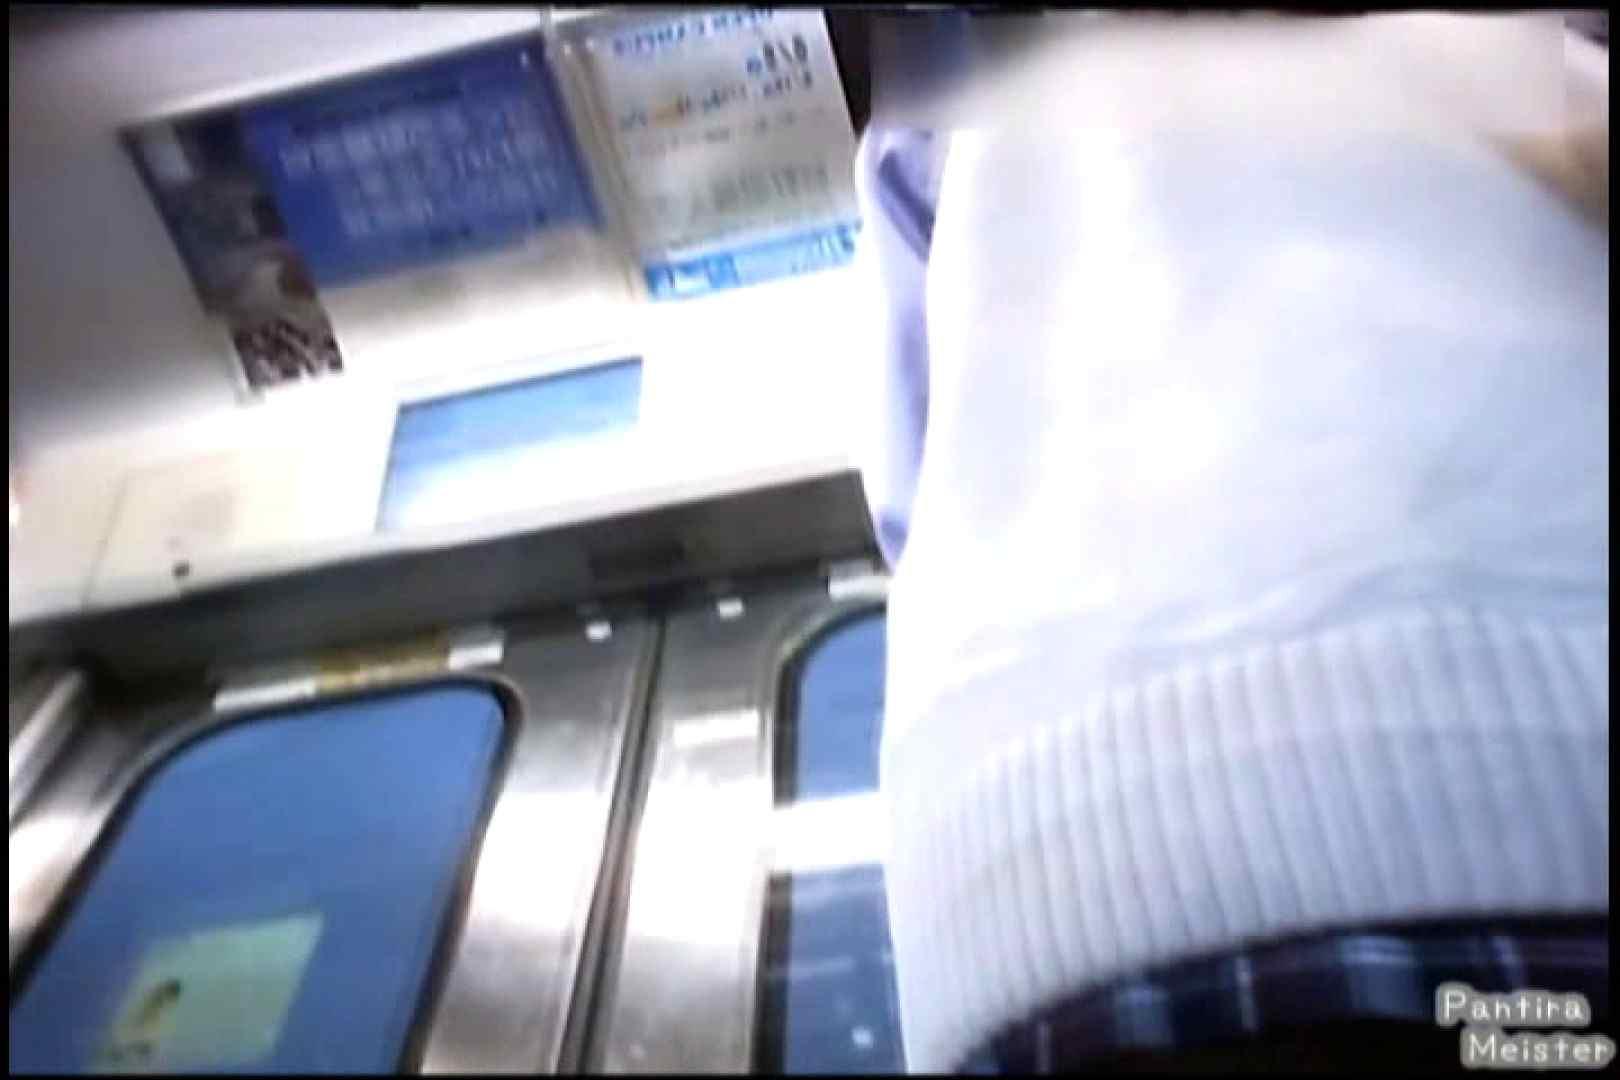 オリジナルパンチラNO.02通勤電車内、背中まで丸見え!! チラ 盗み撮り動画 73画像 62